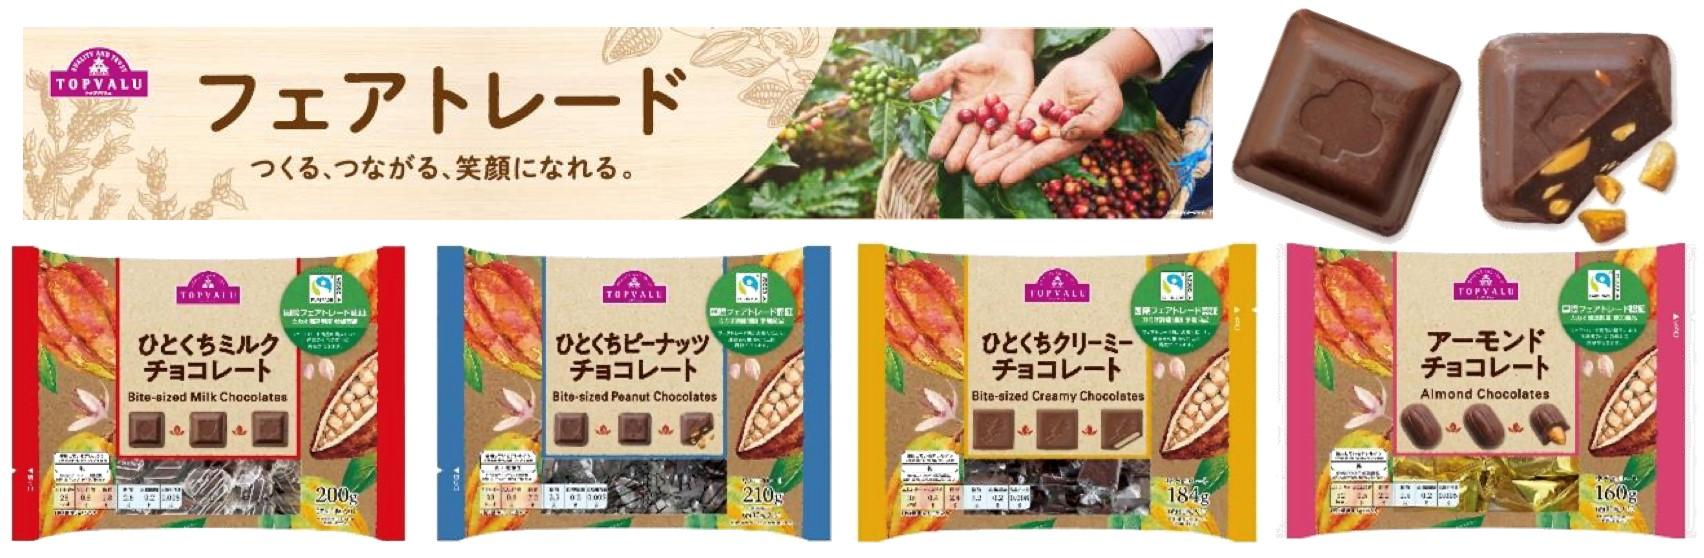 イオンPBのチョコレート「トップバリュ ひとくちミルクチョコレート」